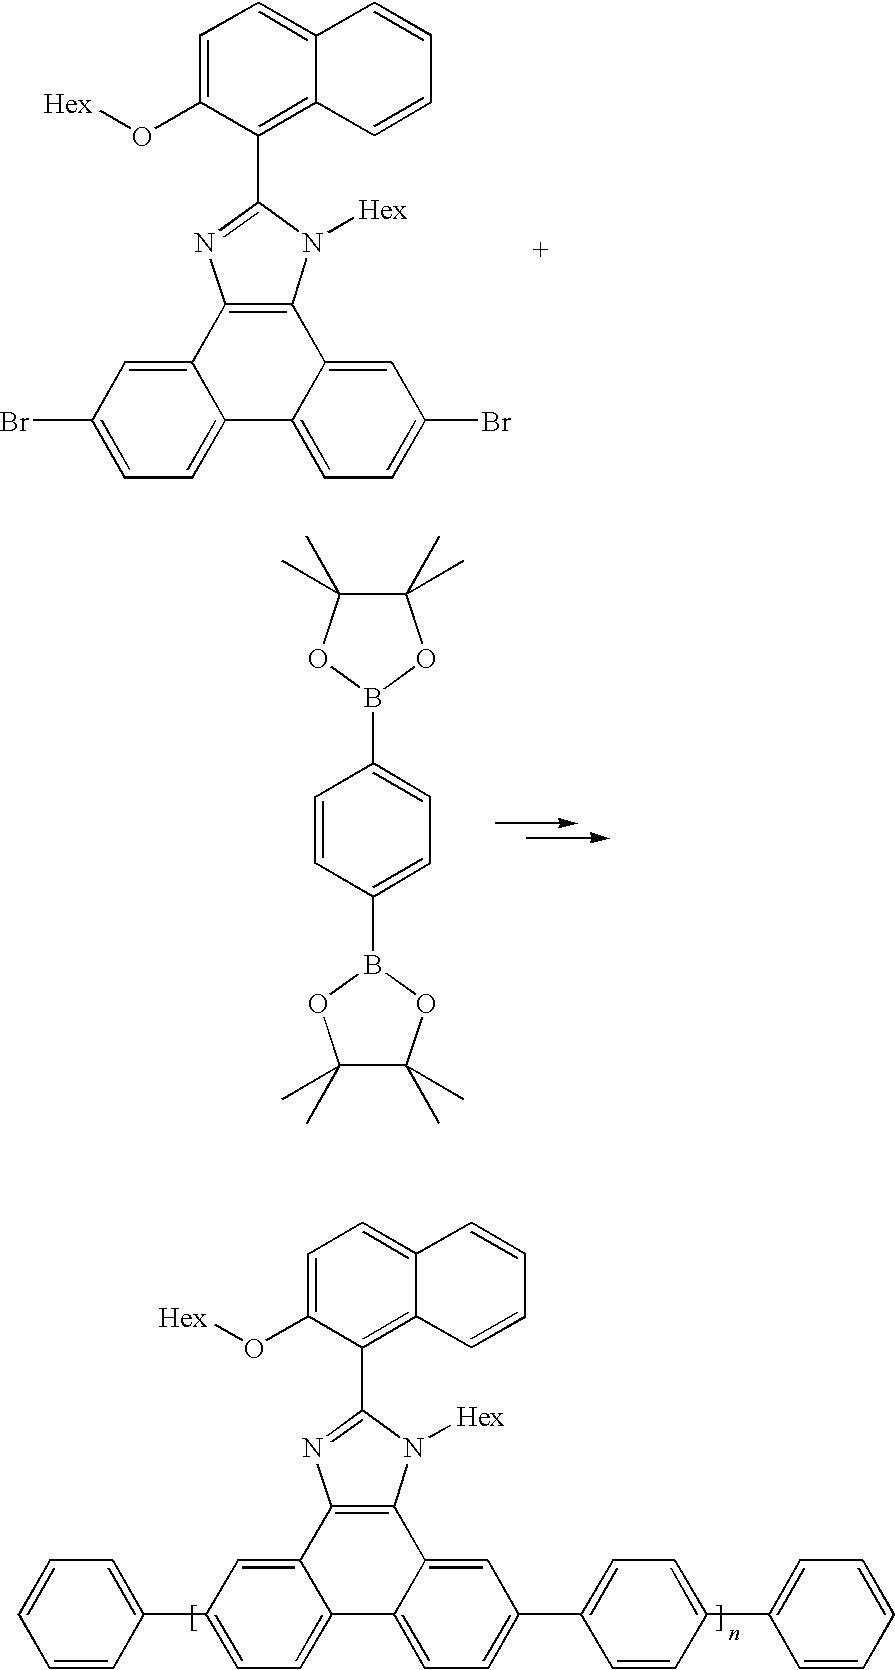 Figure US20090105447A1-20090423-C00170